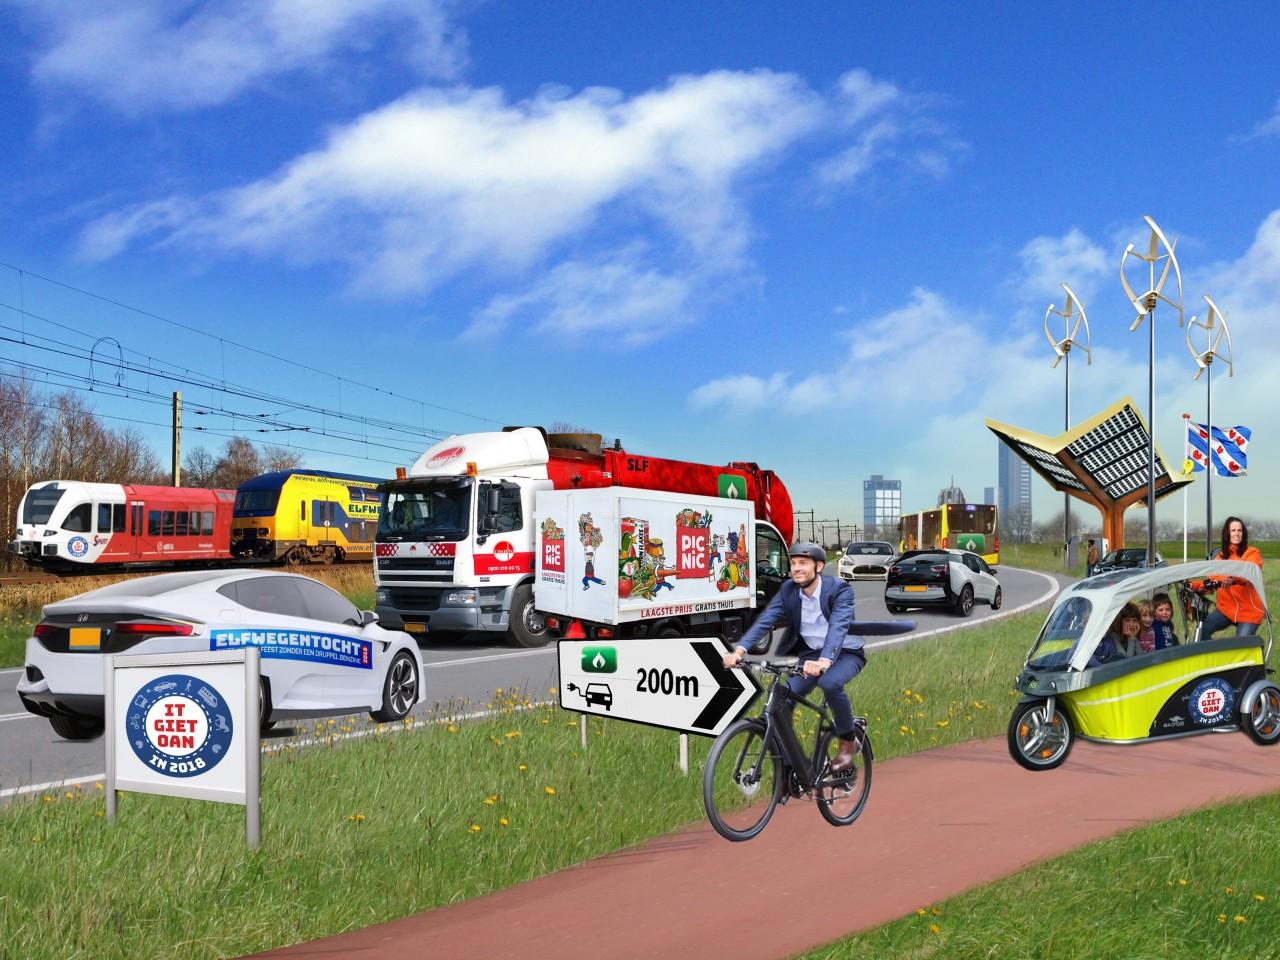 Haarlemmermeer doet mee aan Elfwegentocht Parade. (Foto: aangeleverd)